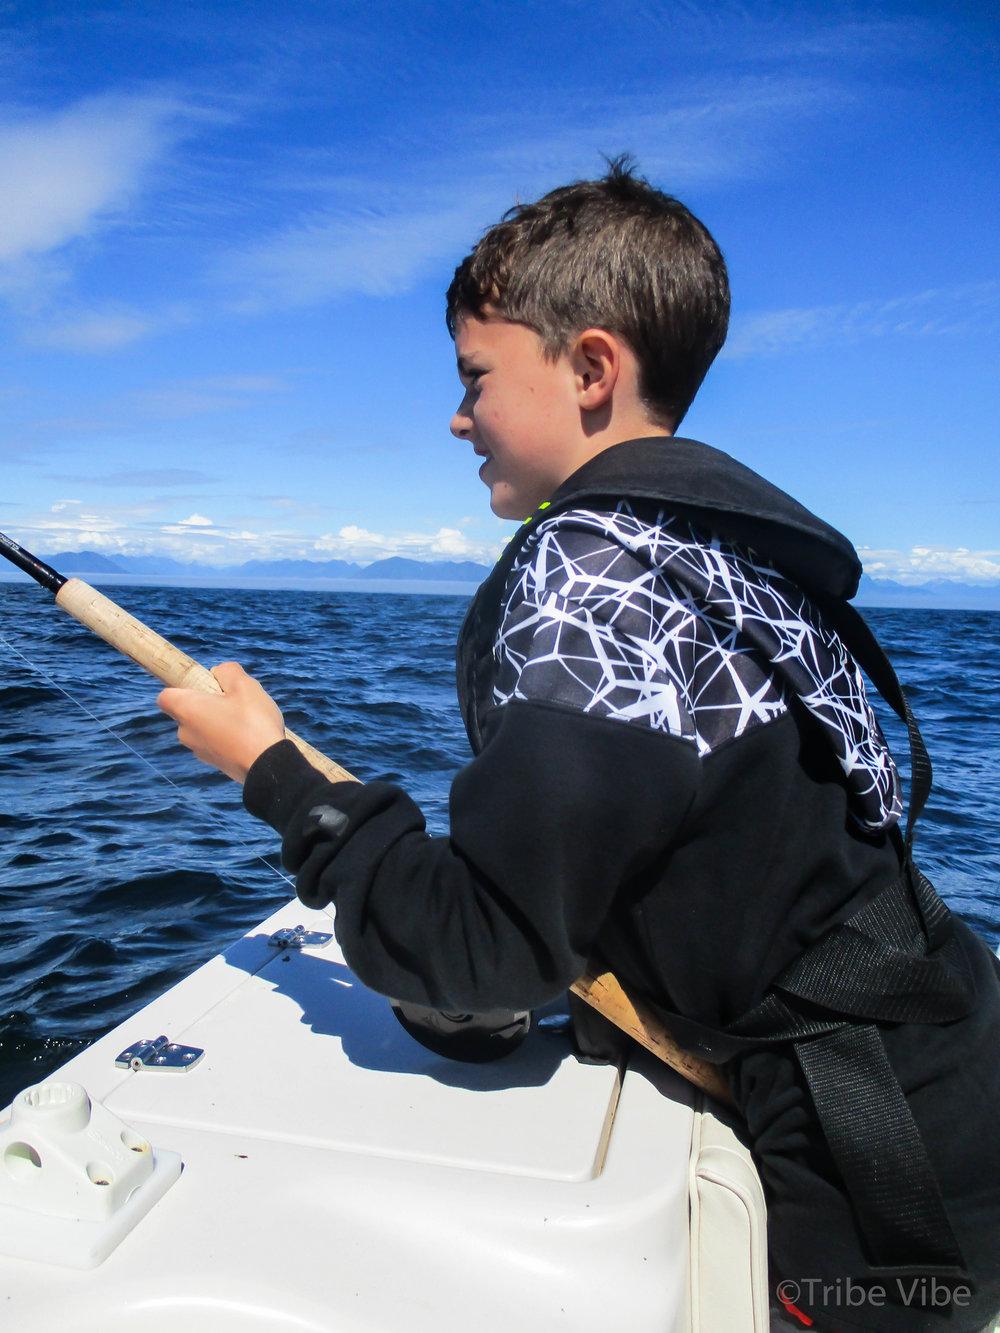 tofino fishing20.jpg